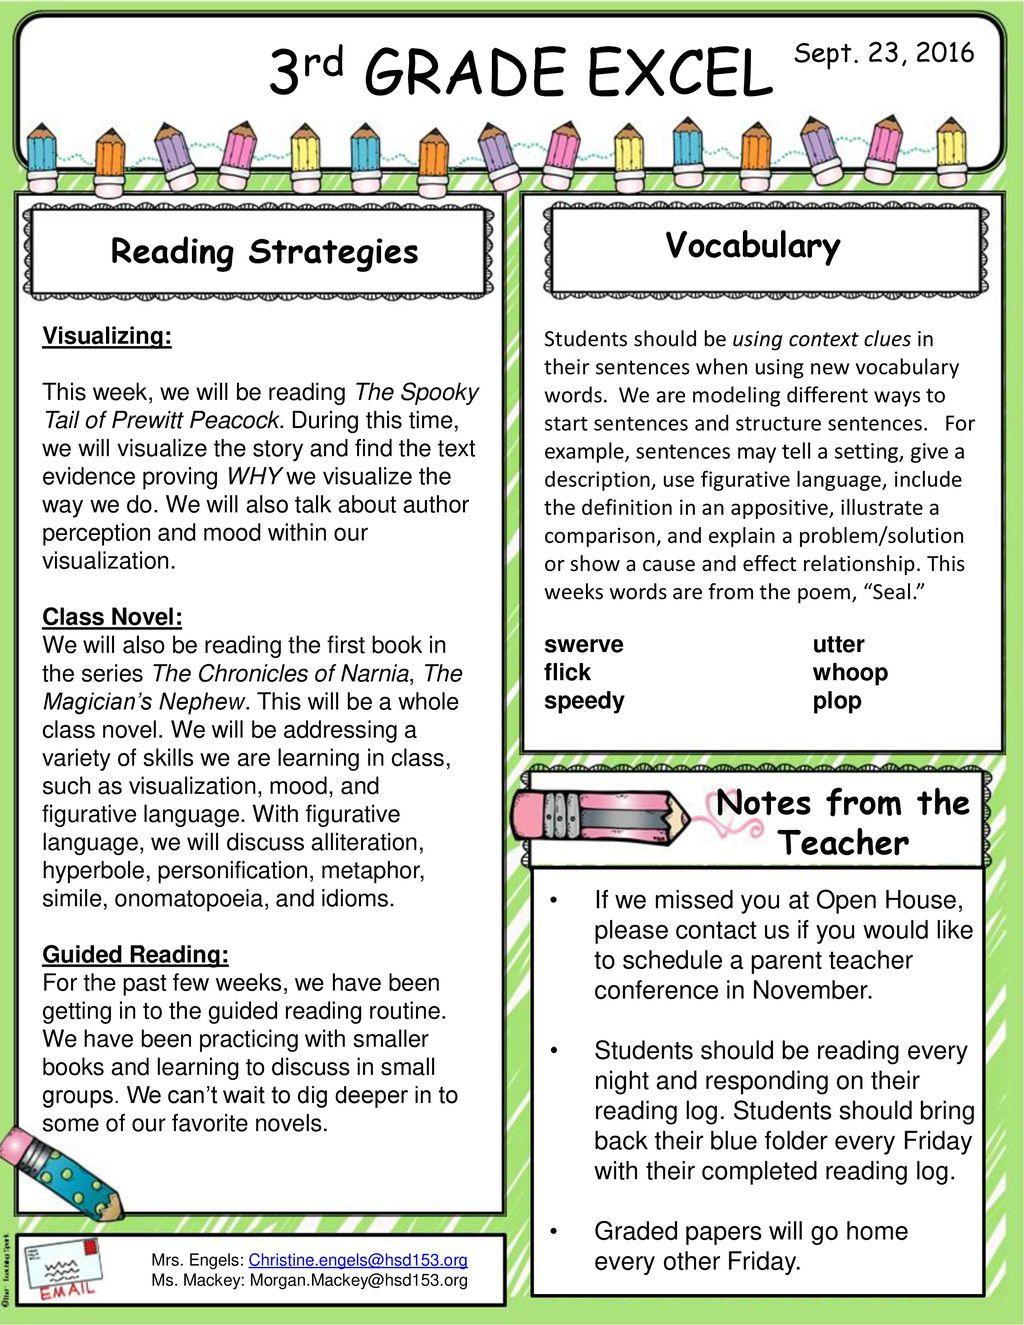 3rd Grade Reading Worksheet Vocabulary